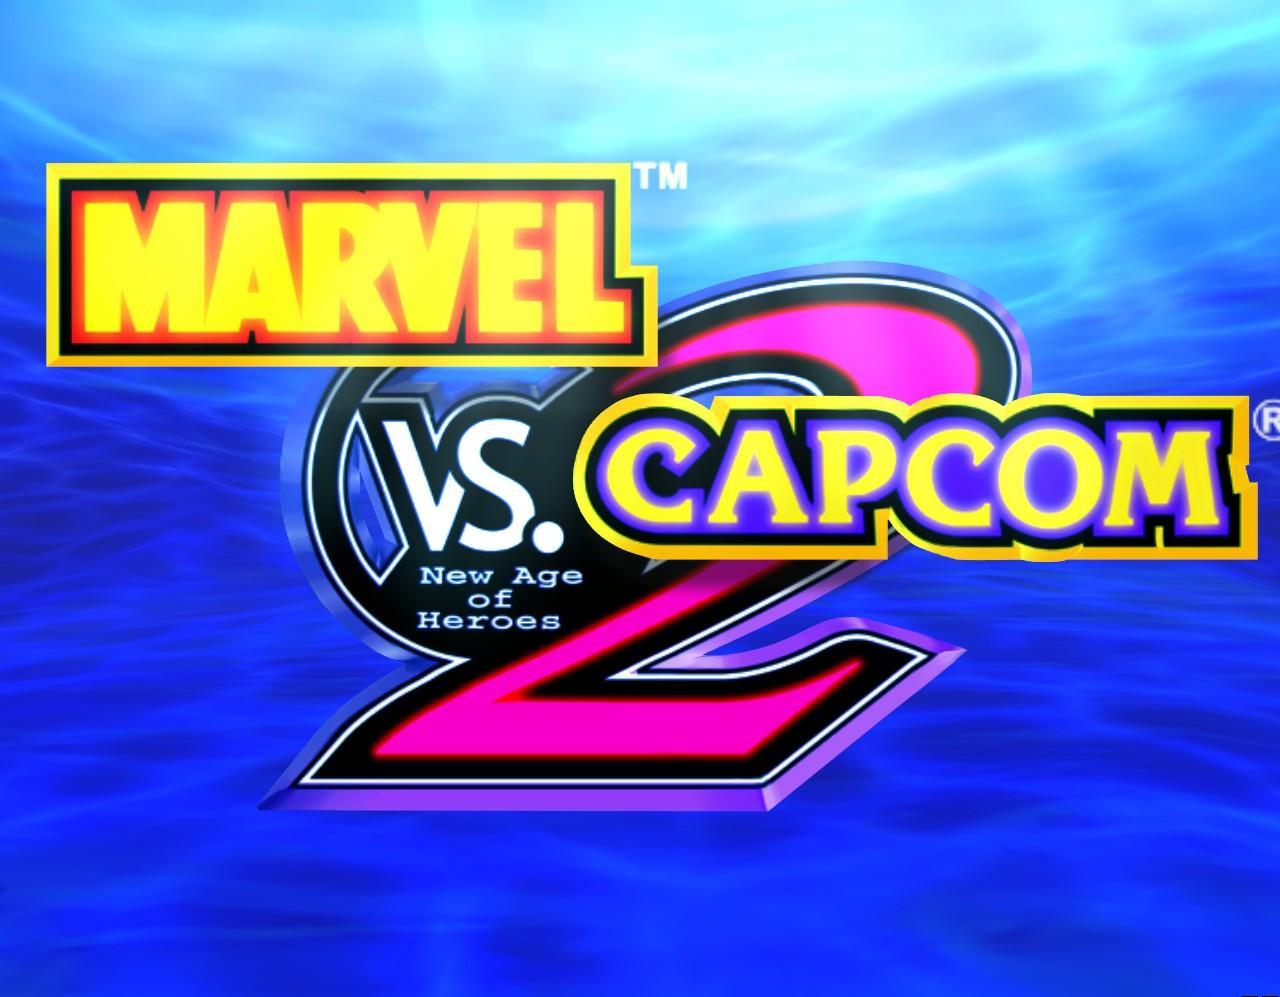 Marvel Vs. Capcom 2 Logo photo - 1